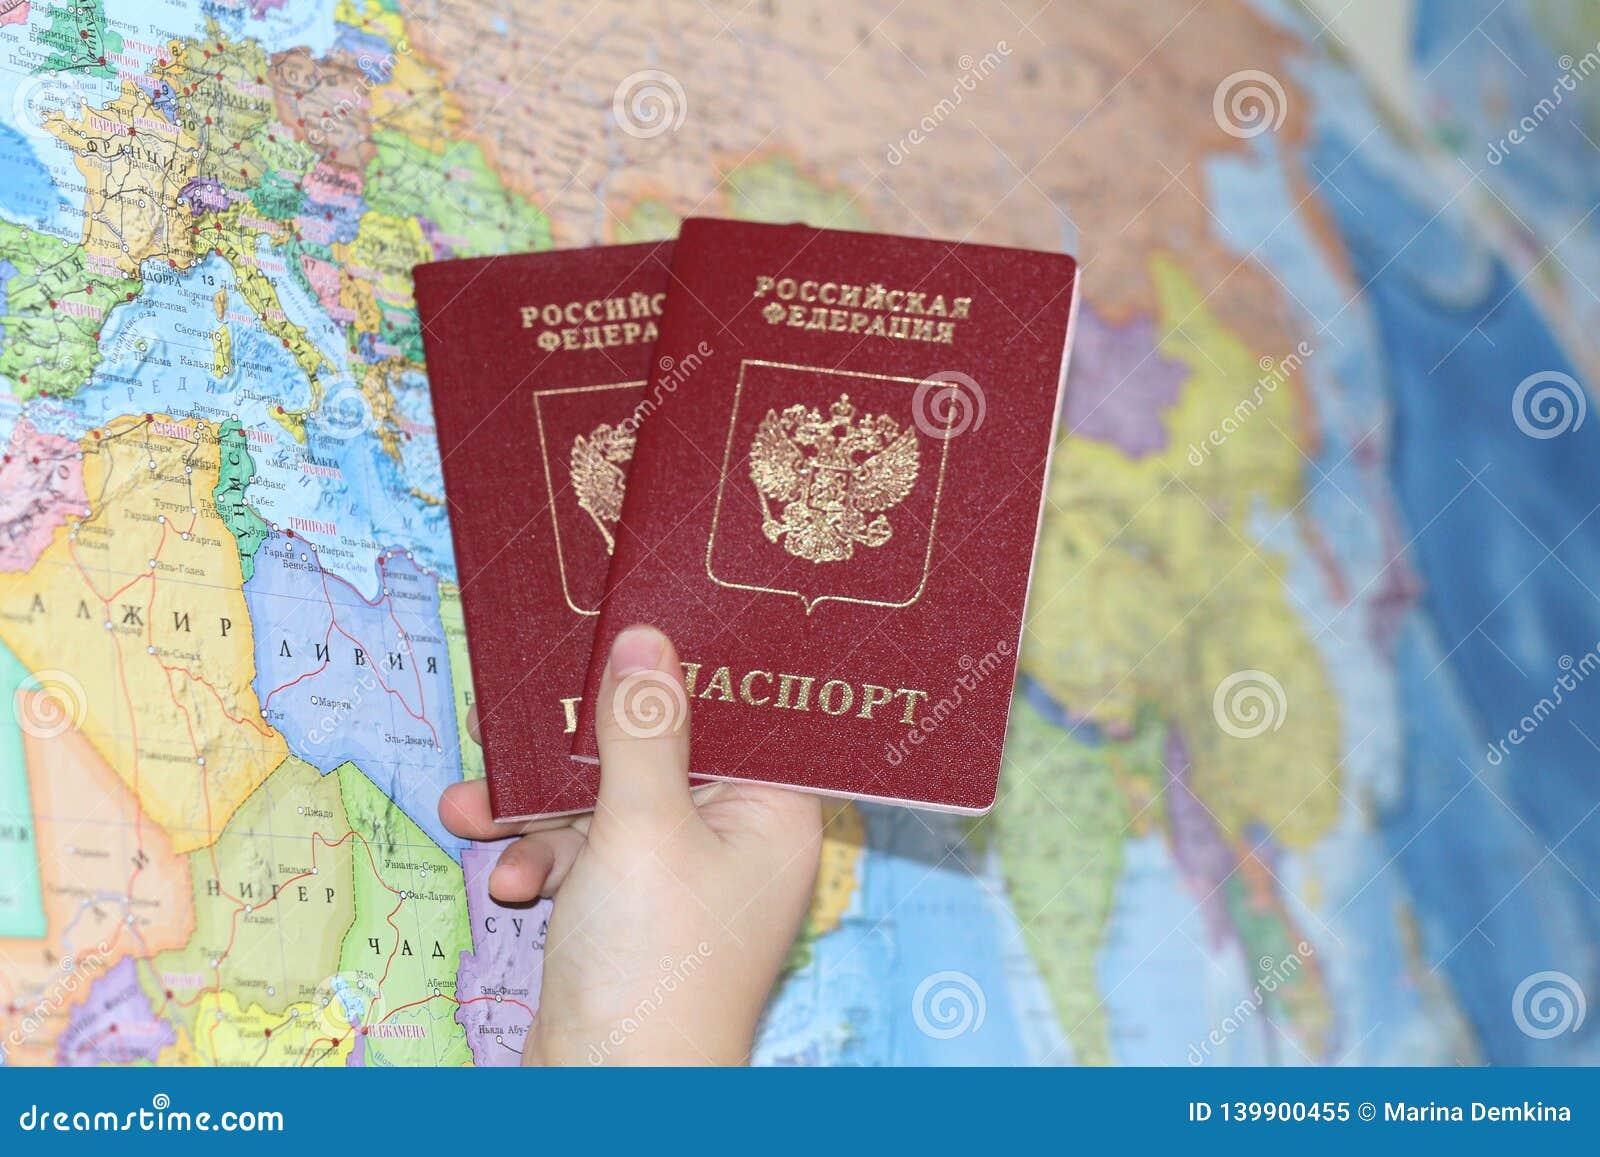 Documento de identidad en el fondo de un mapa geográfico